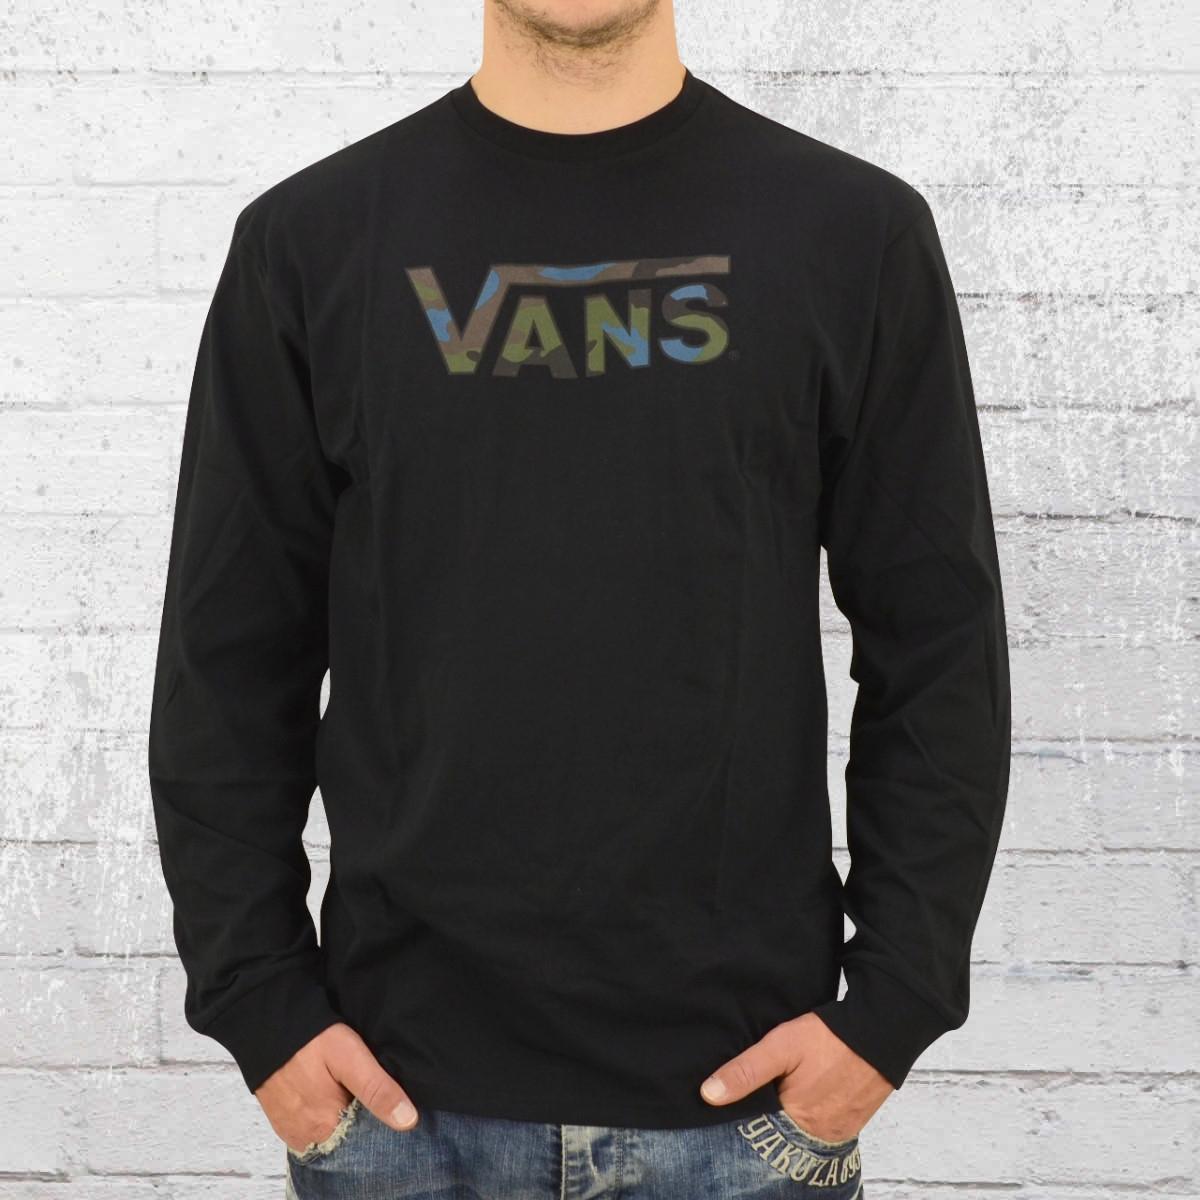 Vans Männer Langarm T-Shirt Classic Logo Fills Longsleeve schwarz